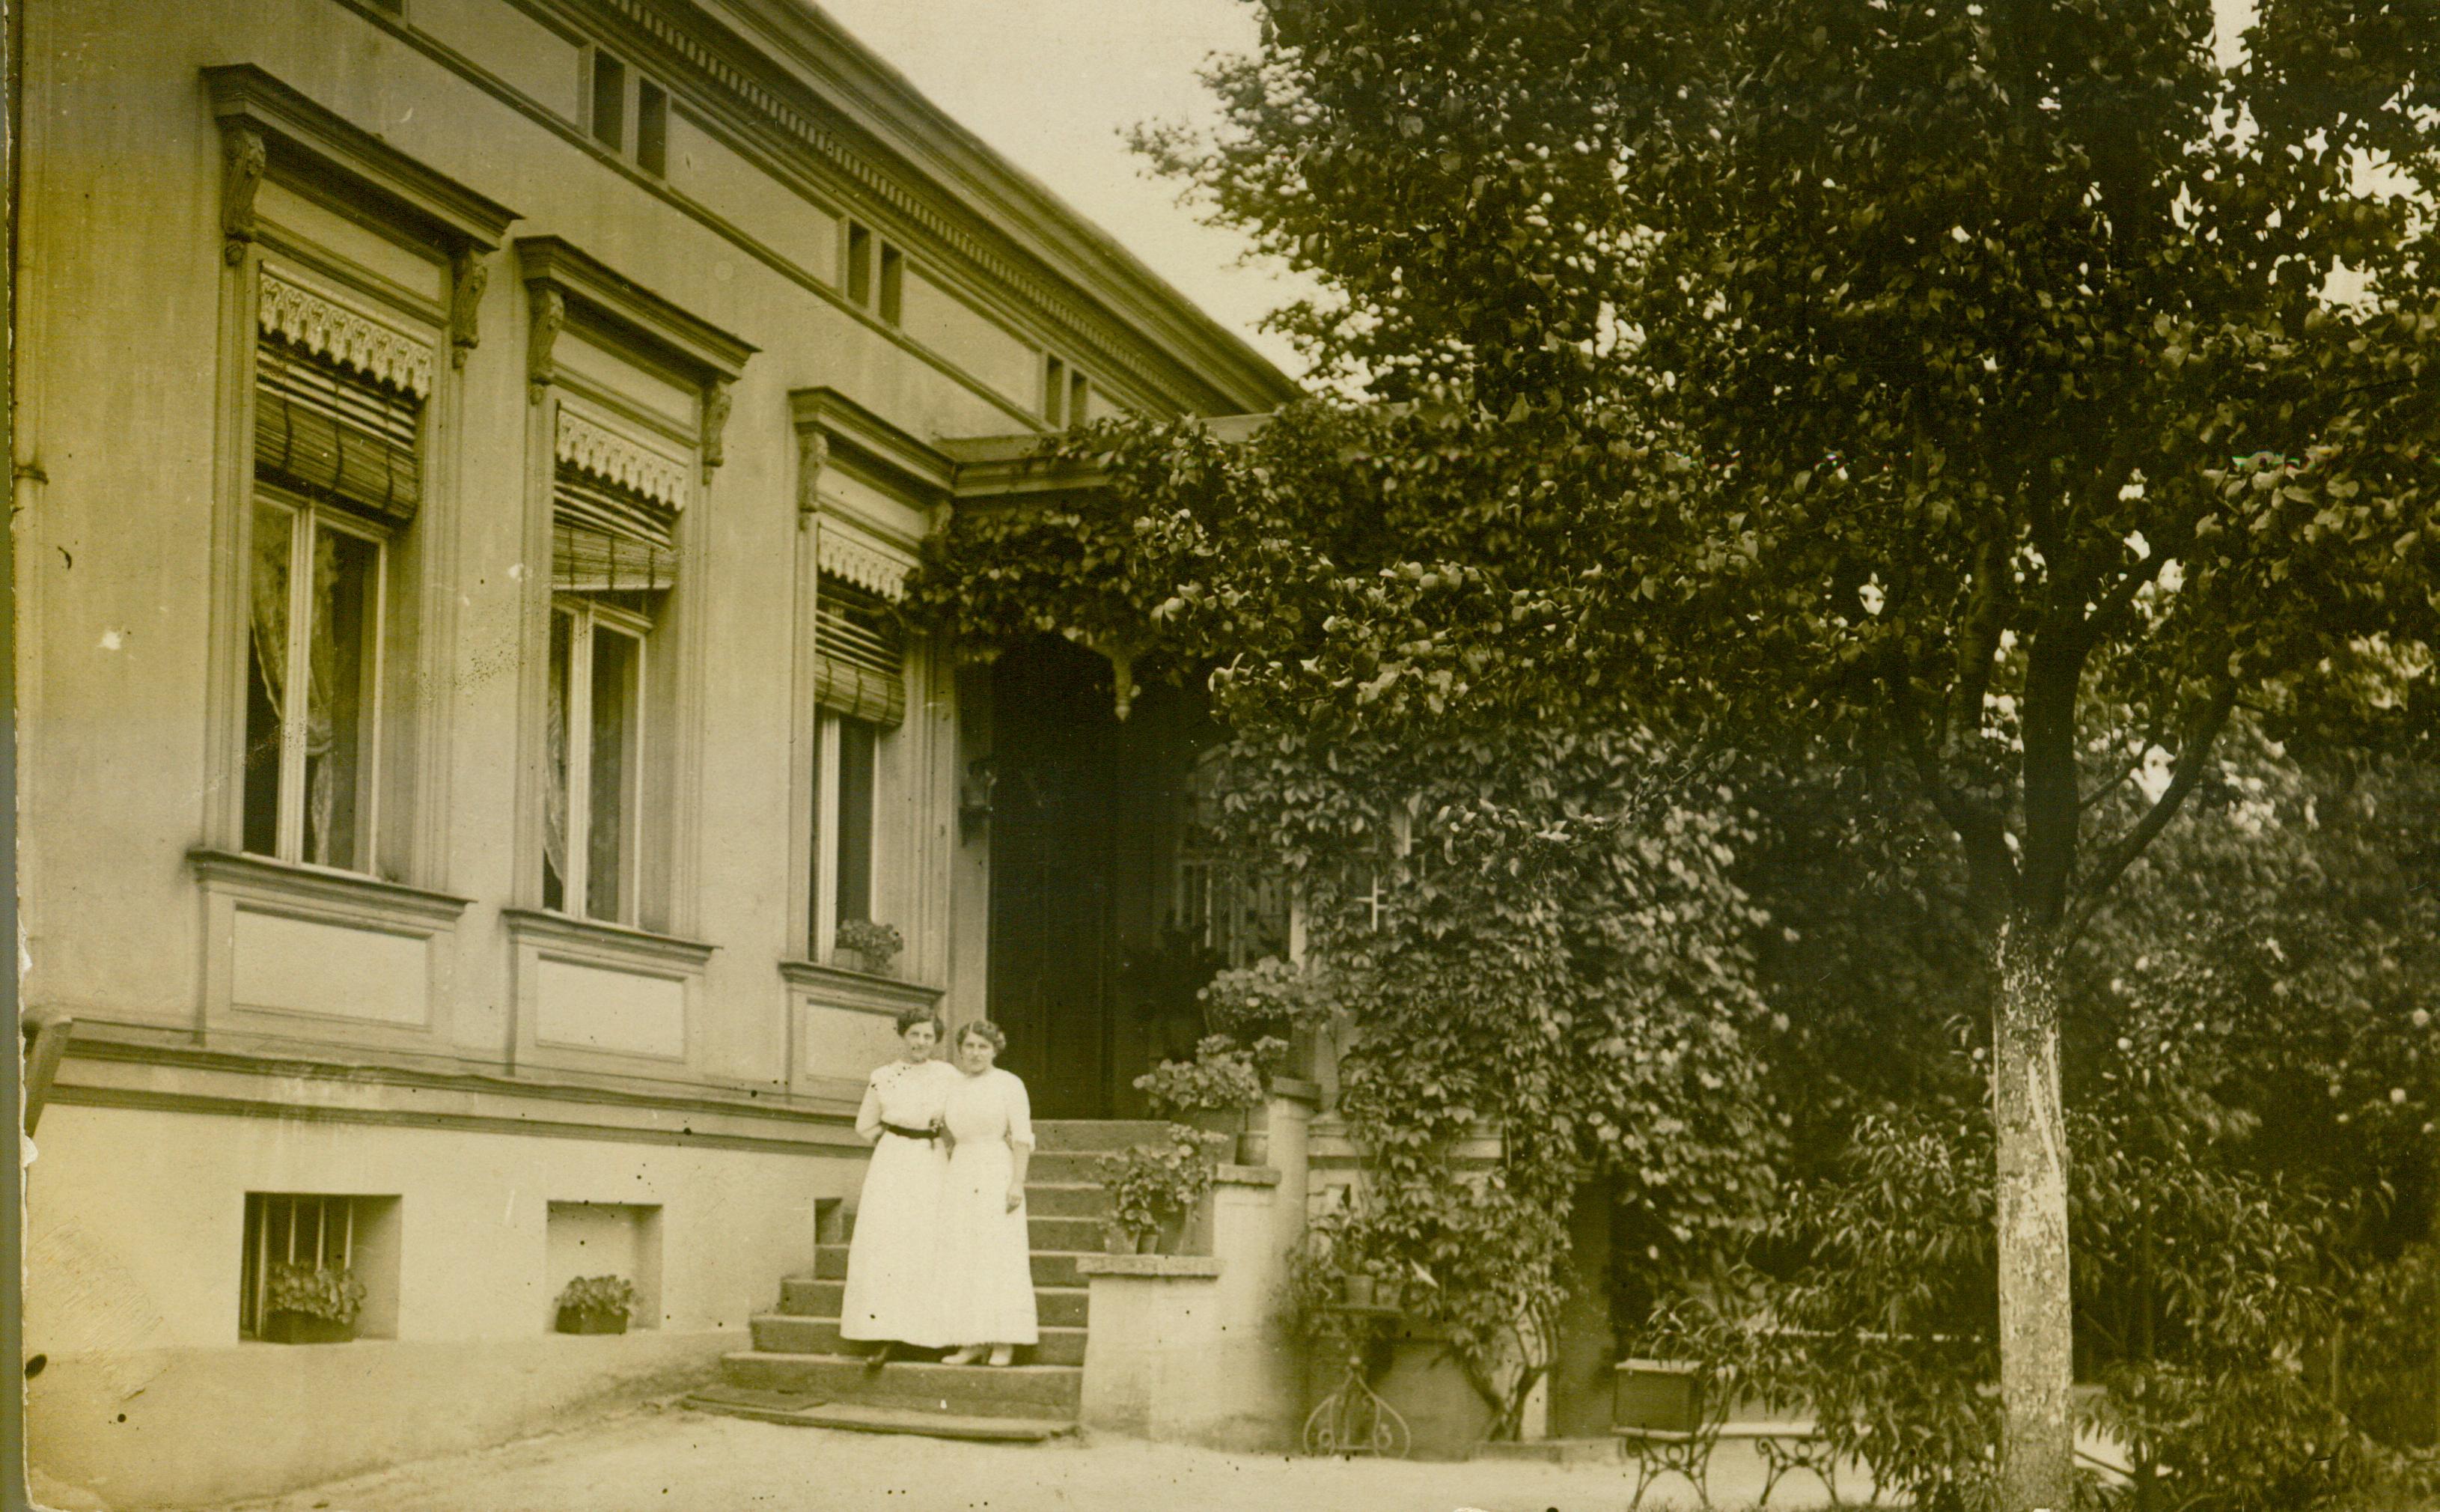 Lubsko-na schodach willi lub może zamku